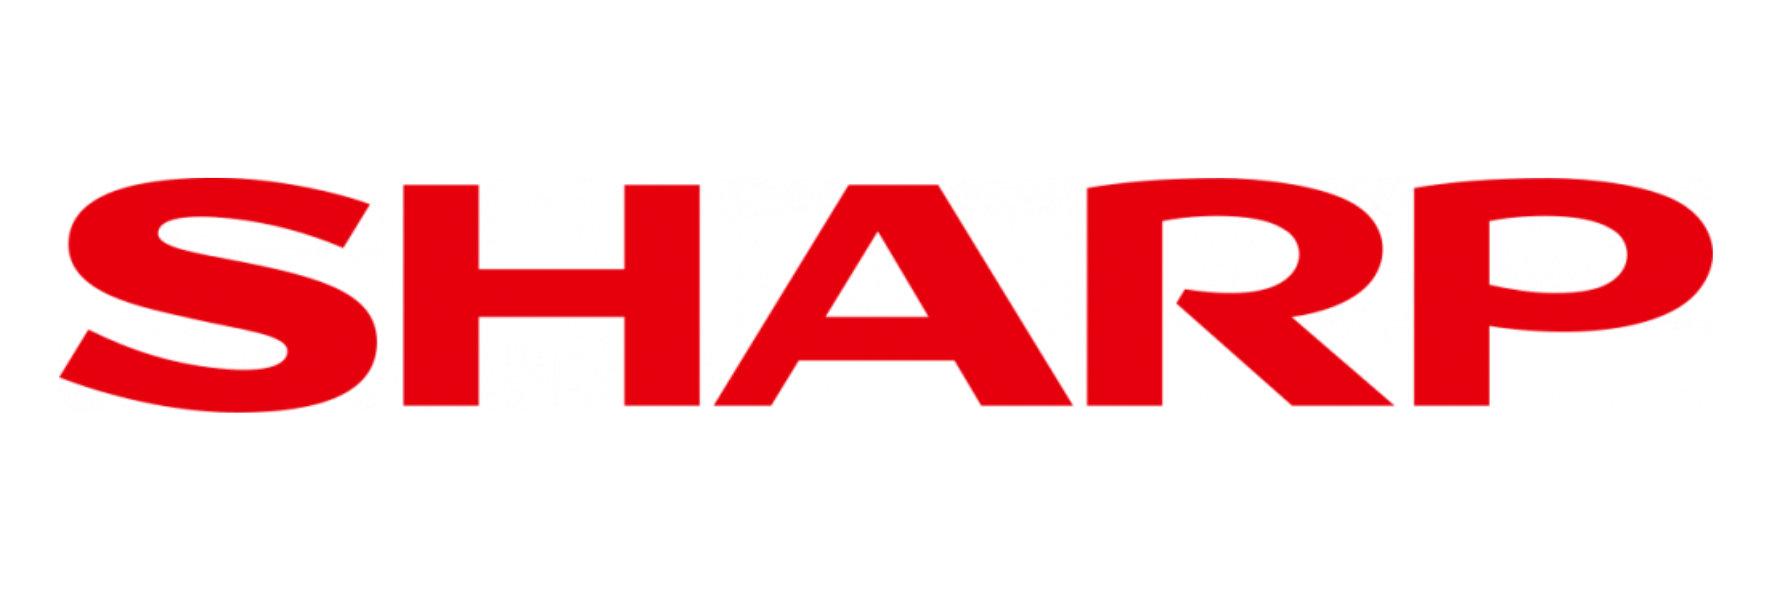 d-und-s_Sharp